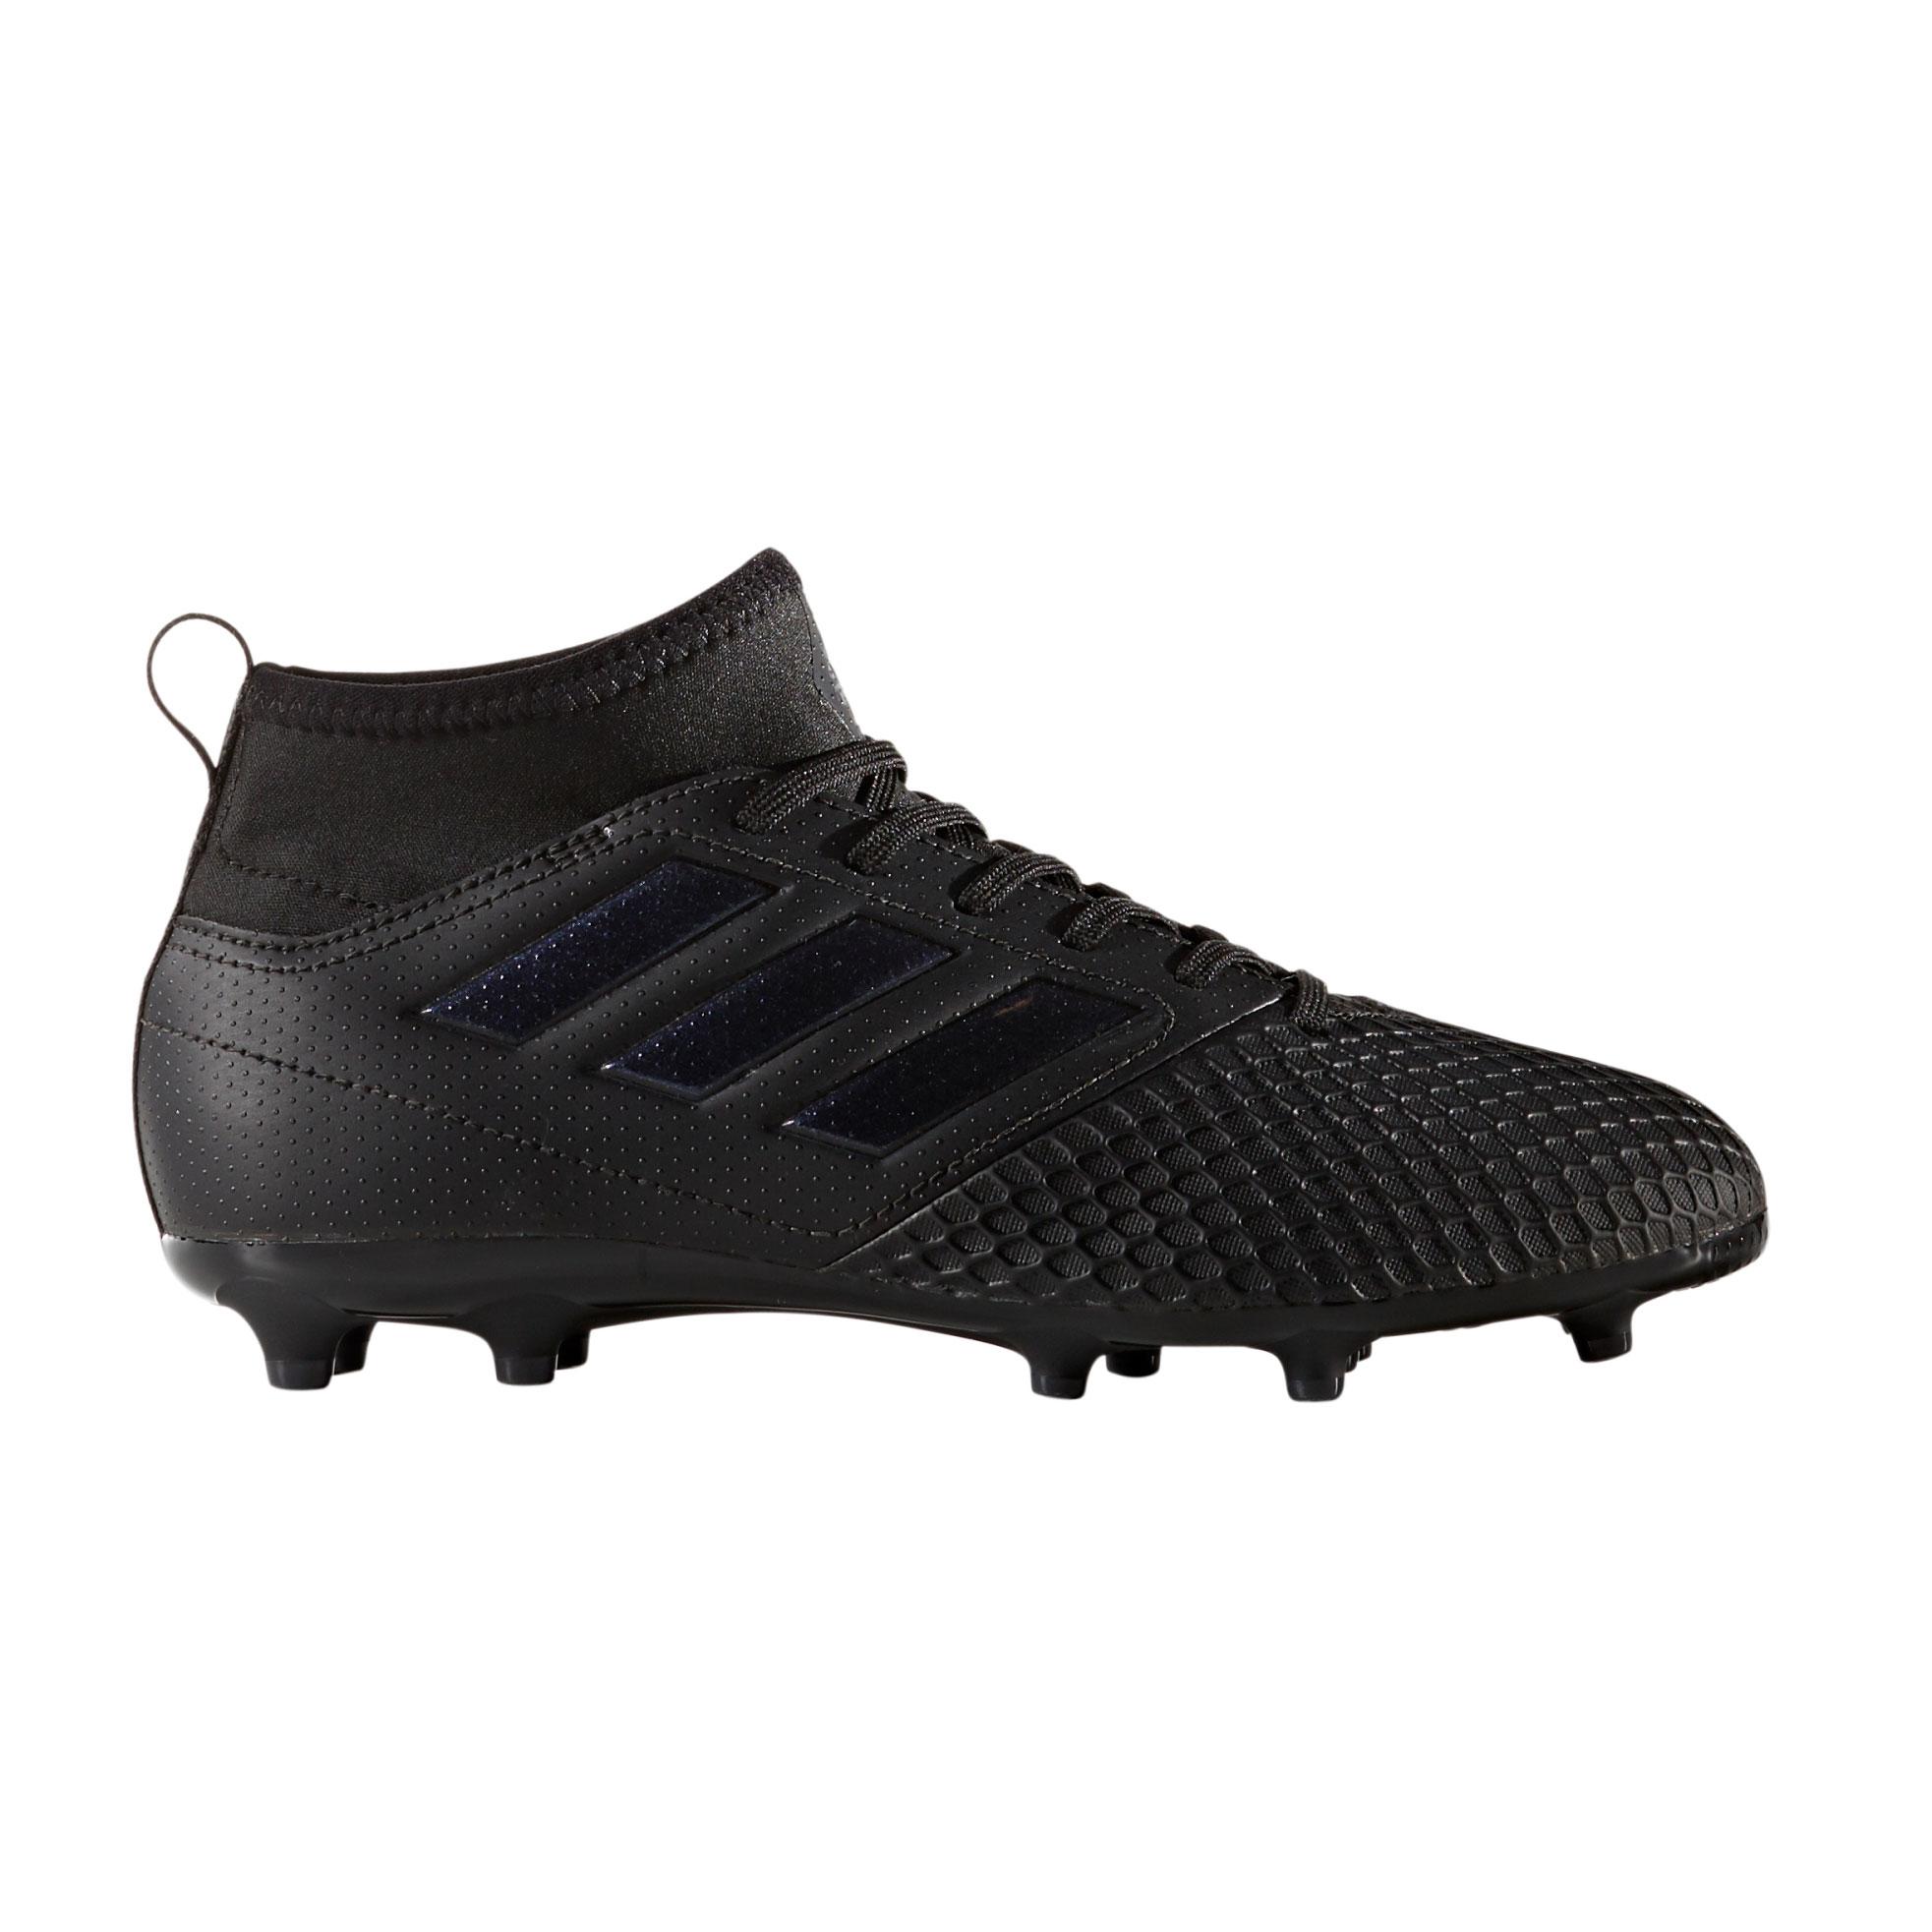 Afbeelding van Adidas Ace 17.3 FG S77069 Voetbalschoenen Junior Core Black